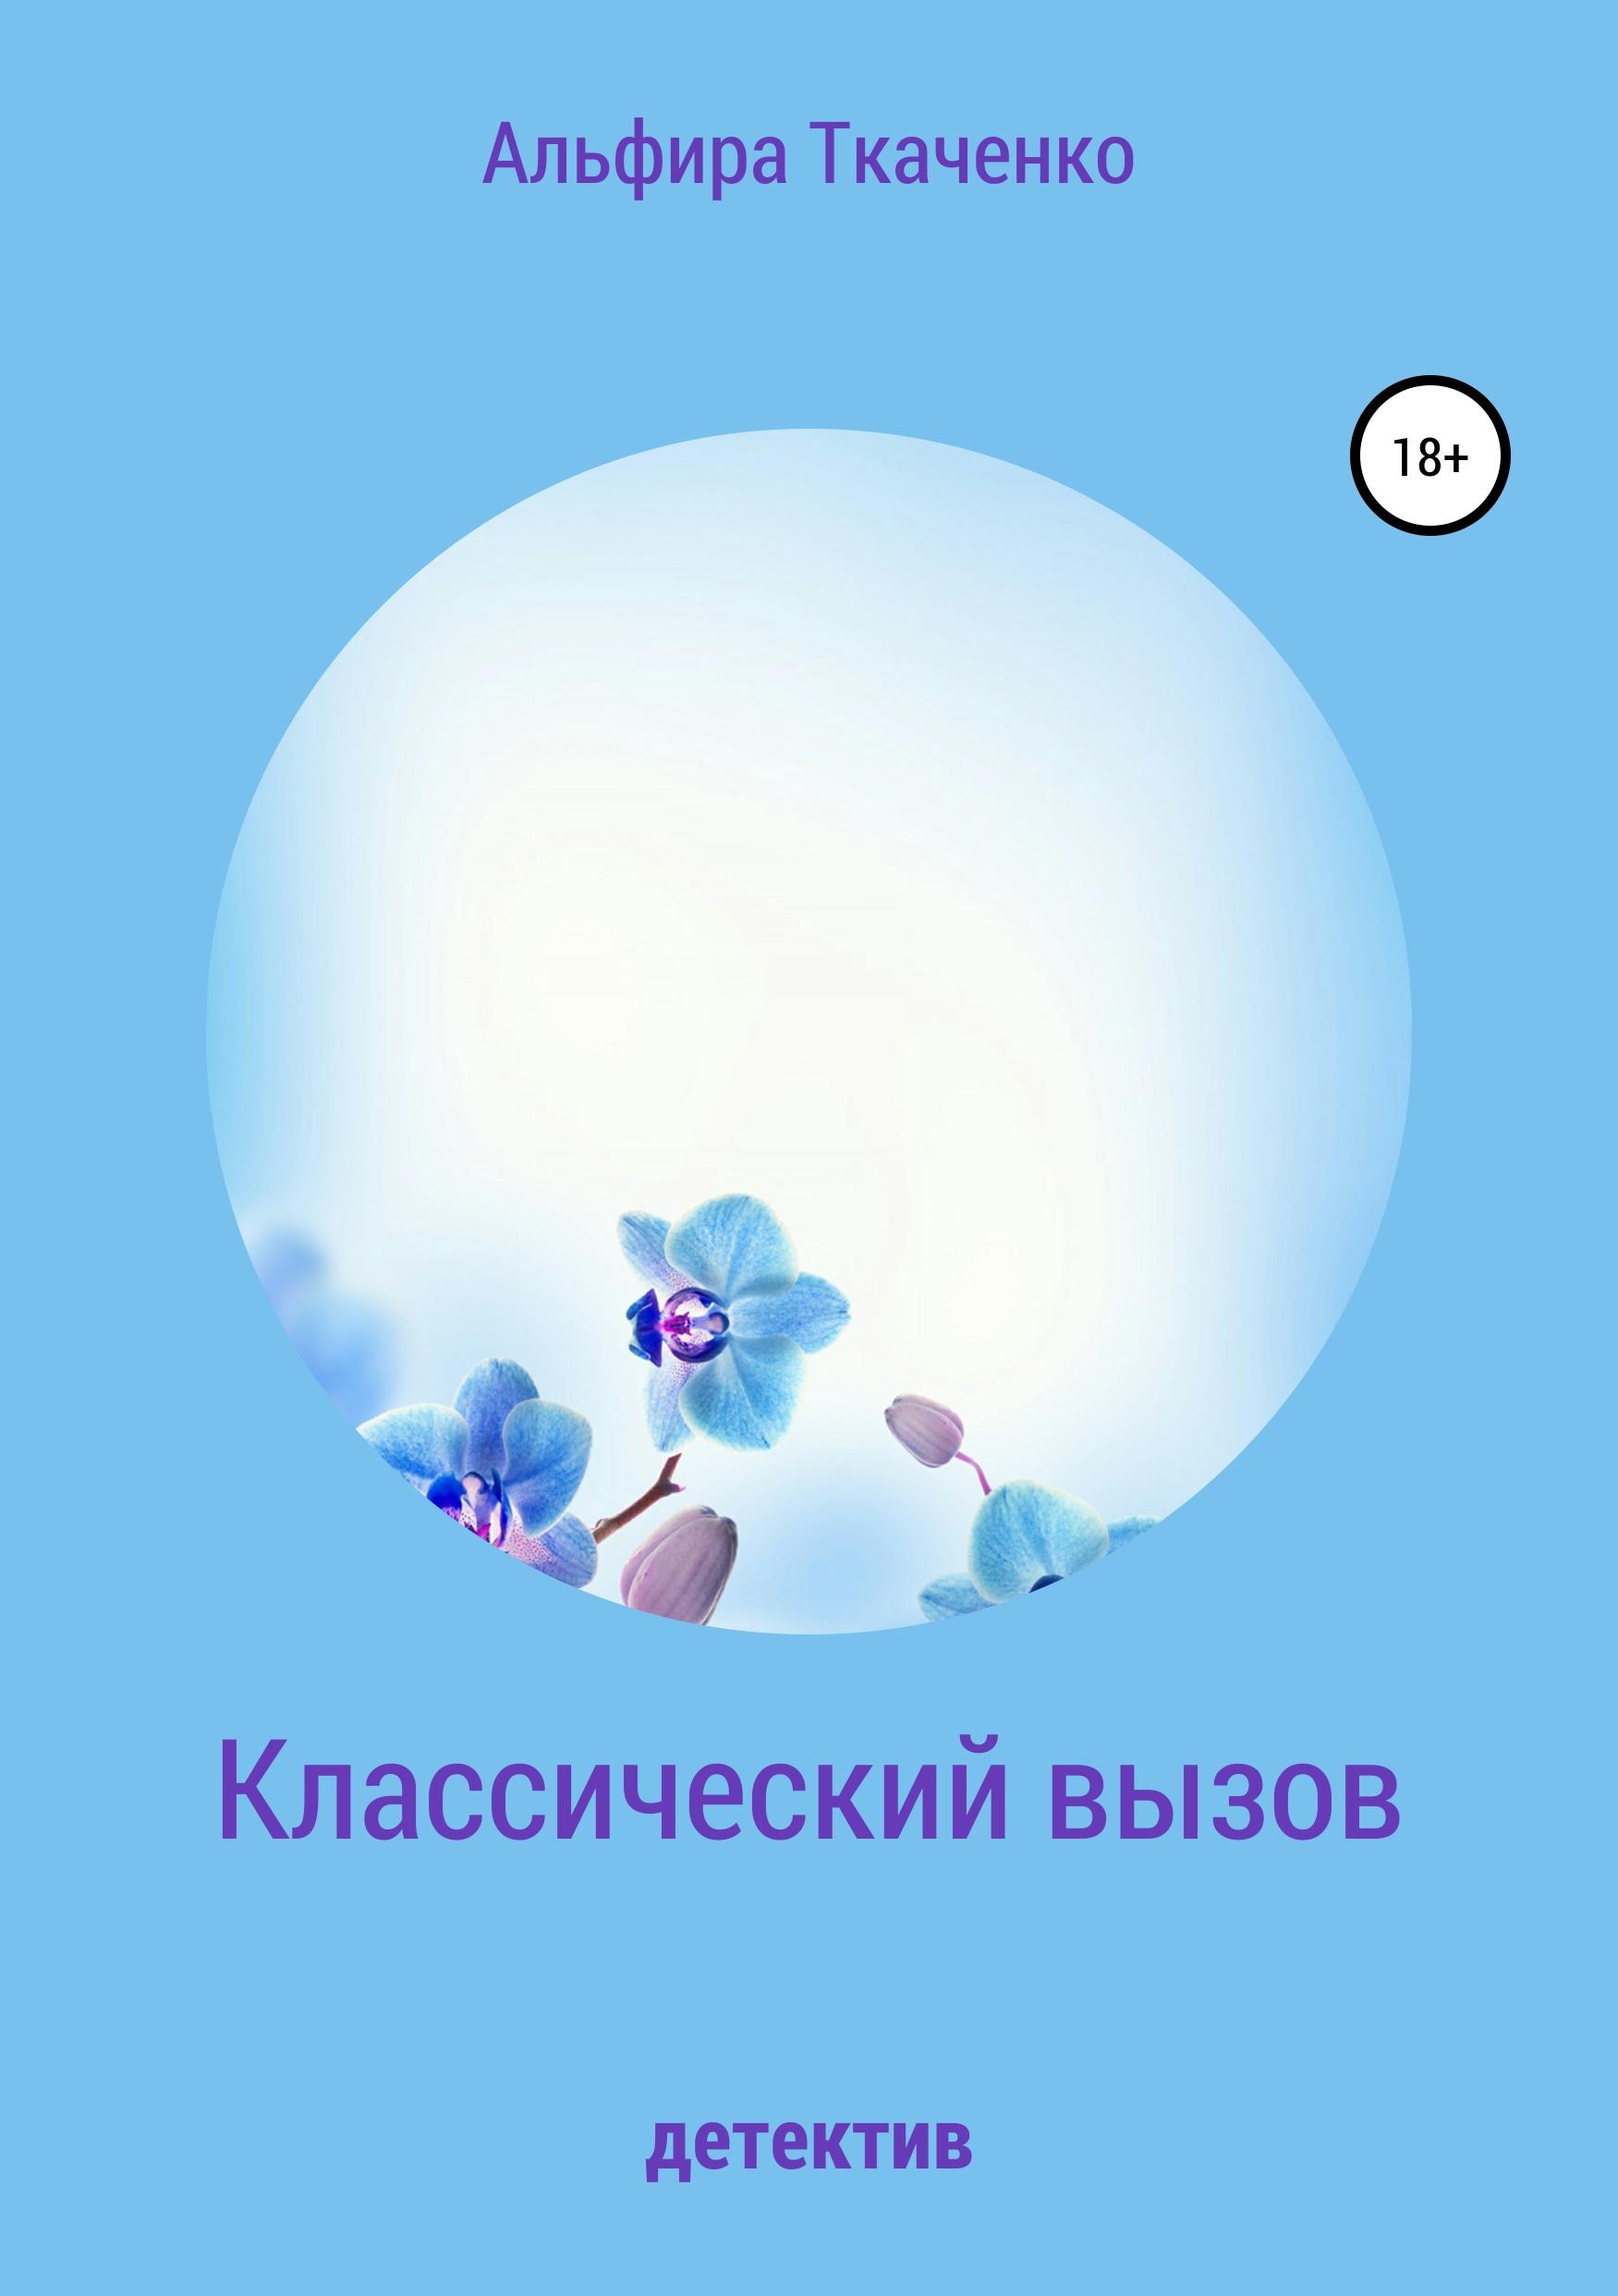 Купить книгу Классический вызов, автора Альфиры Федоровны Ткаченко